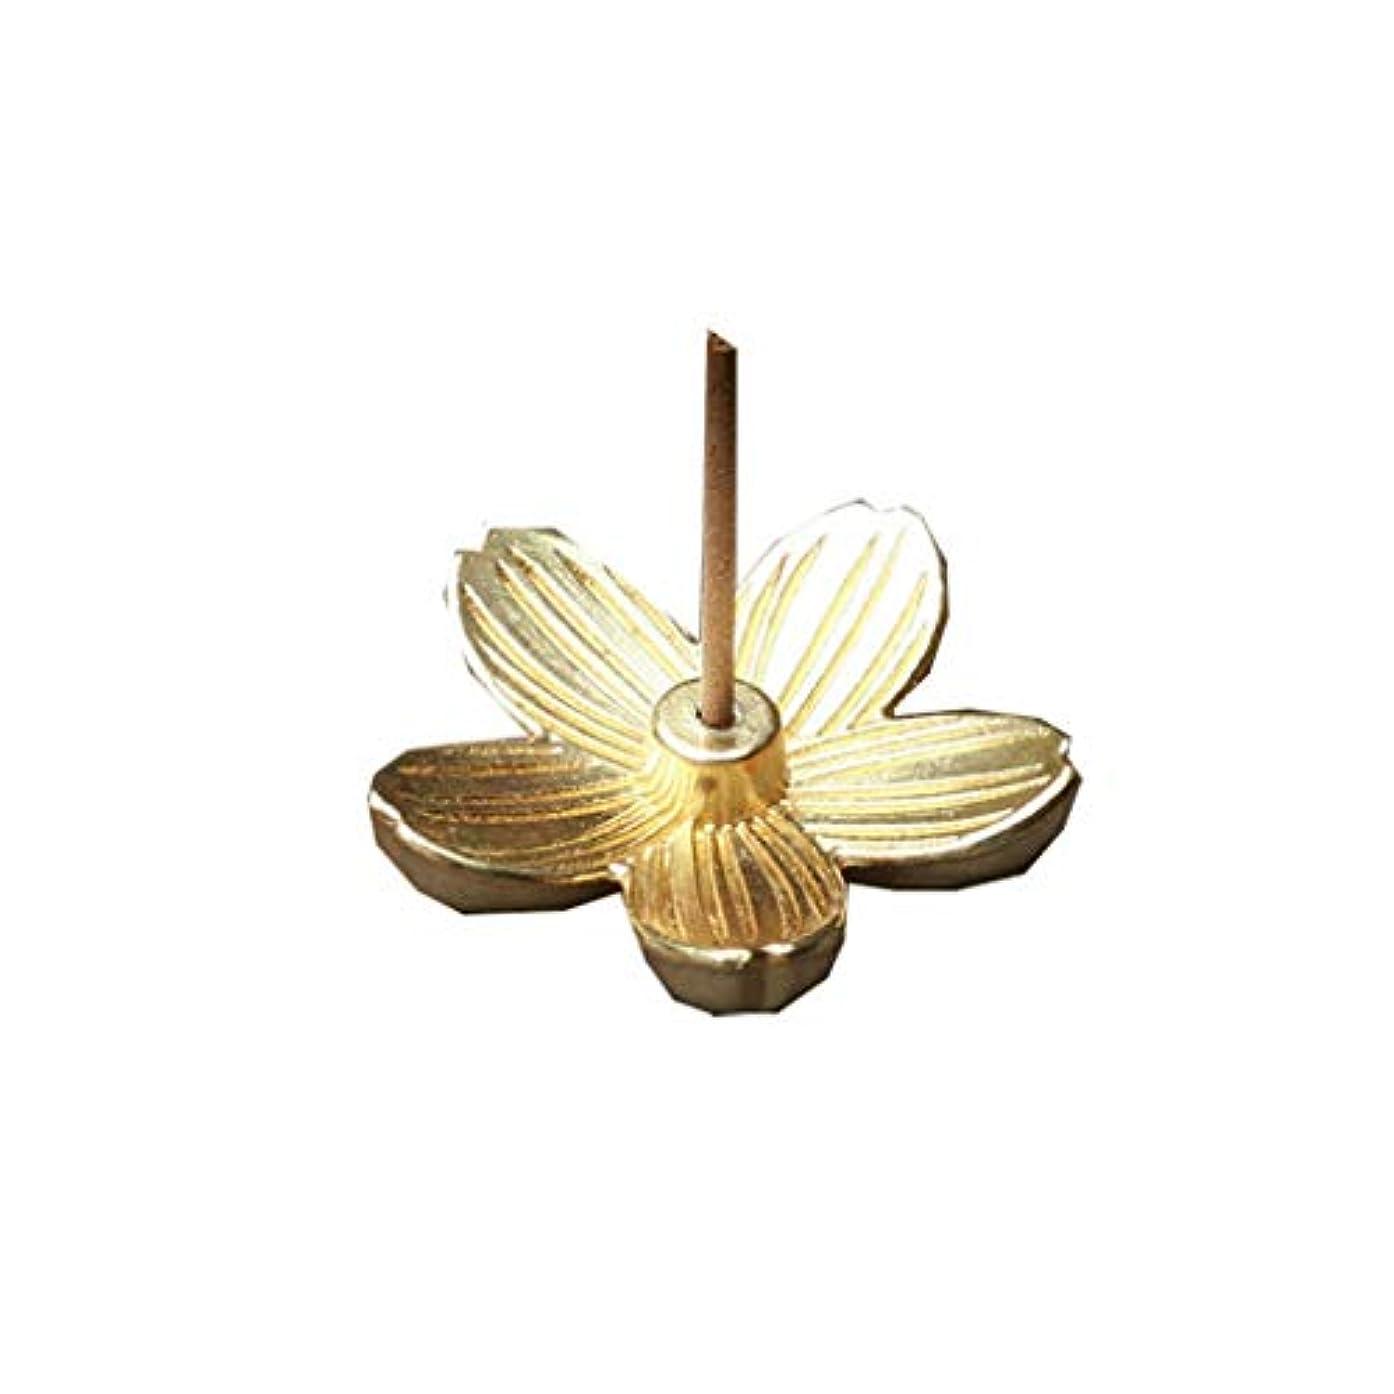 スタッフエイリアス配管クリエイティブヴィンテージ銅アートさくら型の香炉香スティックコーンホルダーホーム仏教の装飾誕生日お香ホルダー (Color : Gold, サイズ : 1.14*1.14inchs)